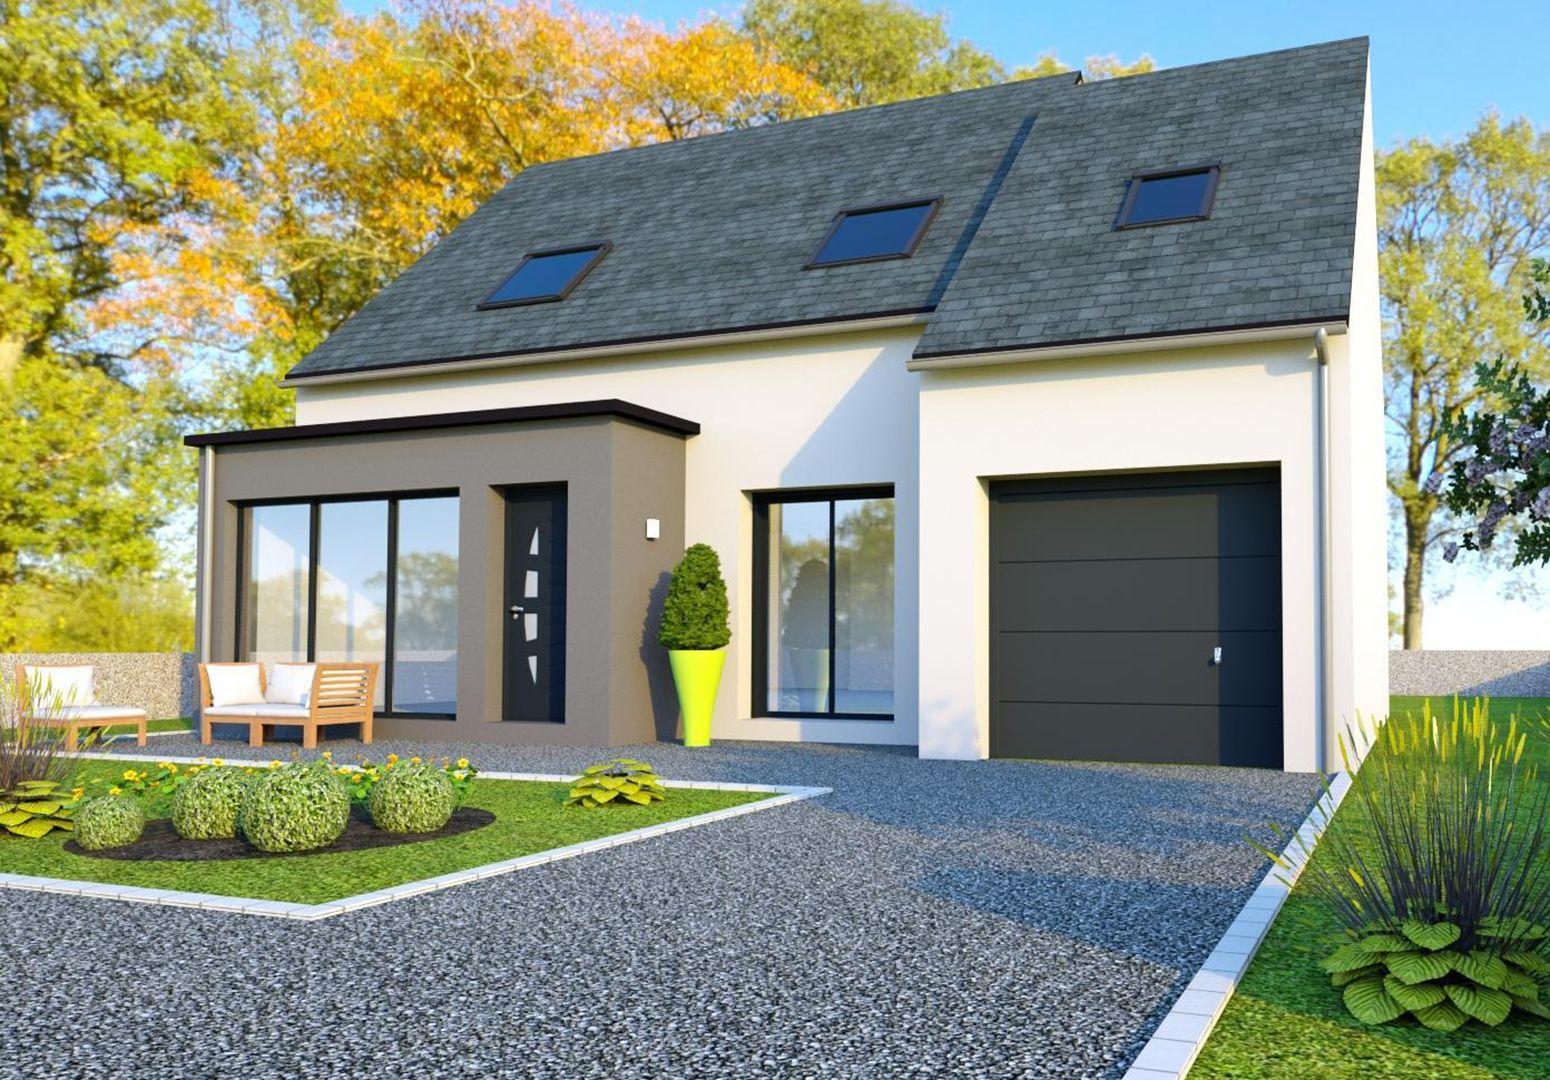 Image du modèle de maison CHÂTEAUBOURG 3CH 100